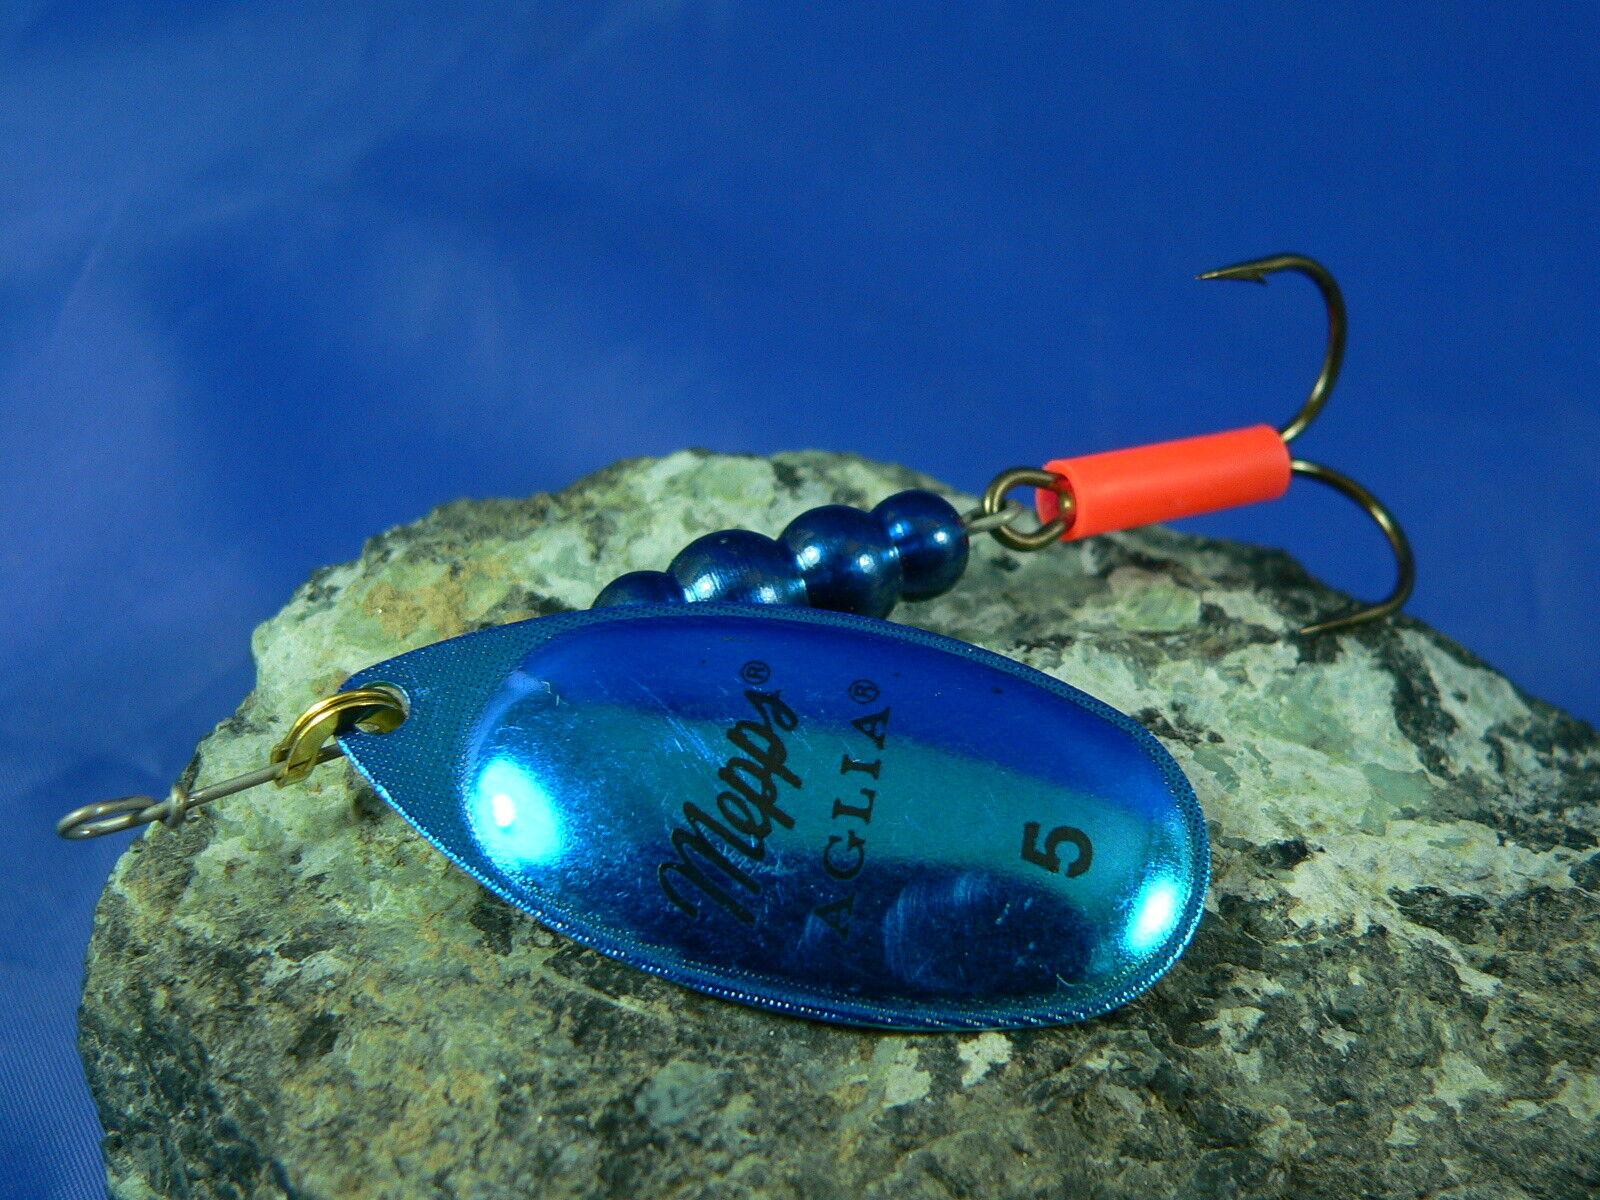 Cucchiaino Mepps Aglia (4 e 5) pesca trota marmorata, luccio persico, black bass